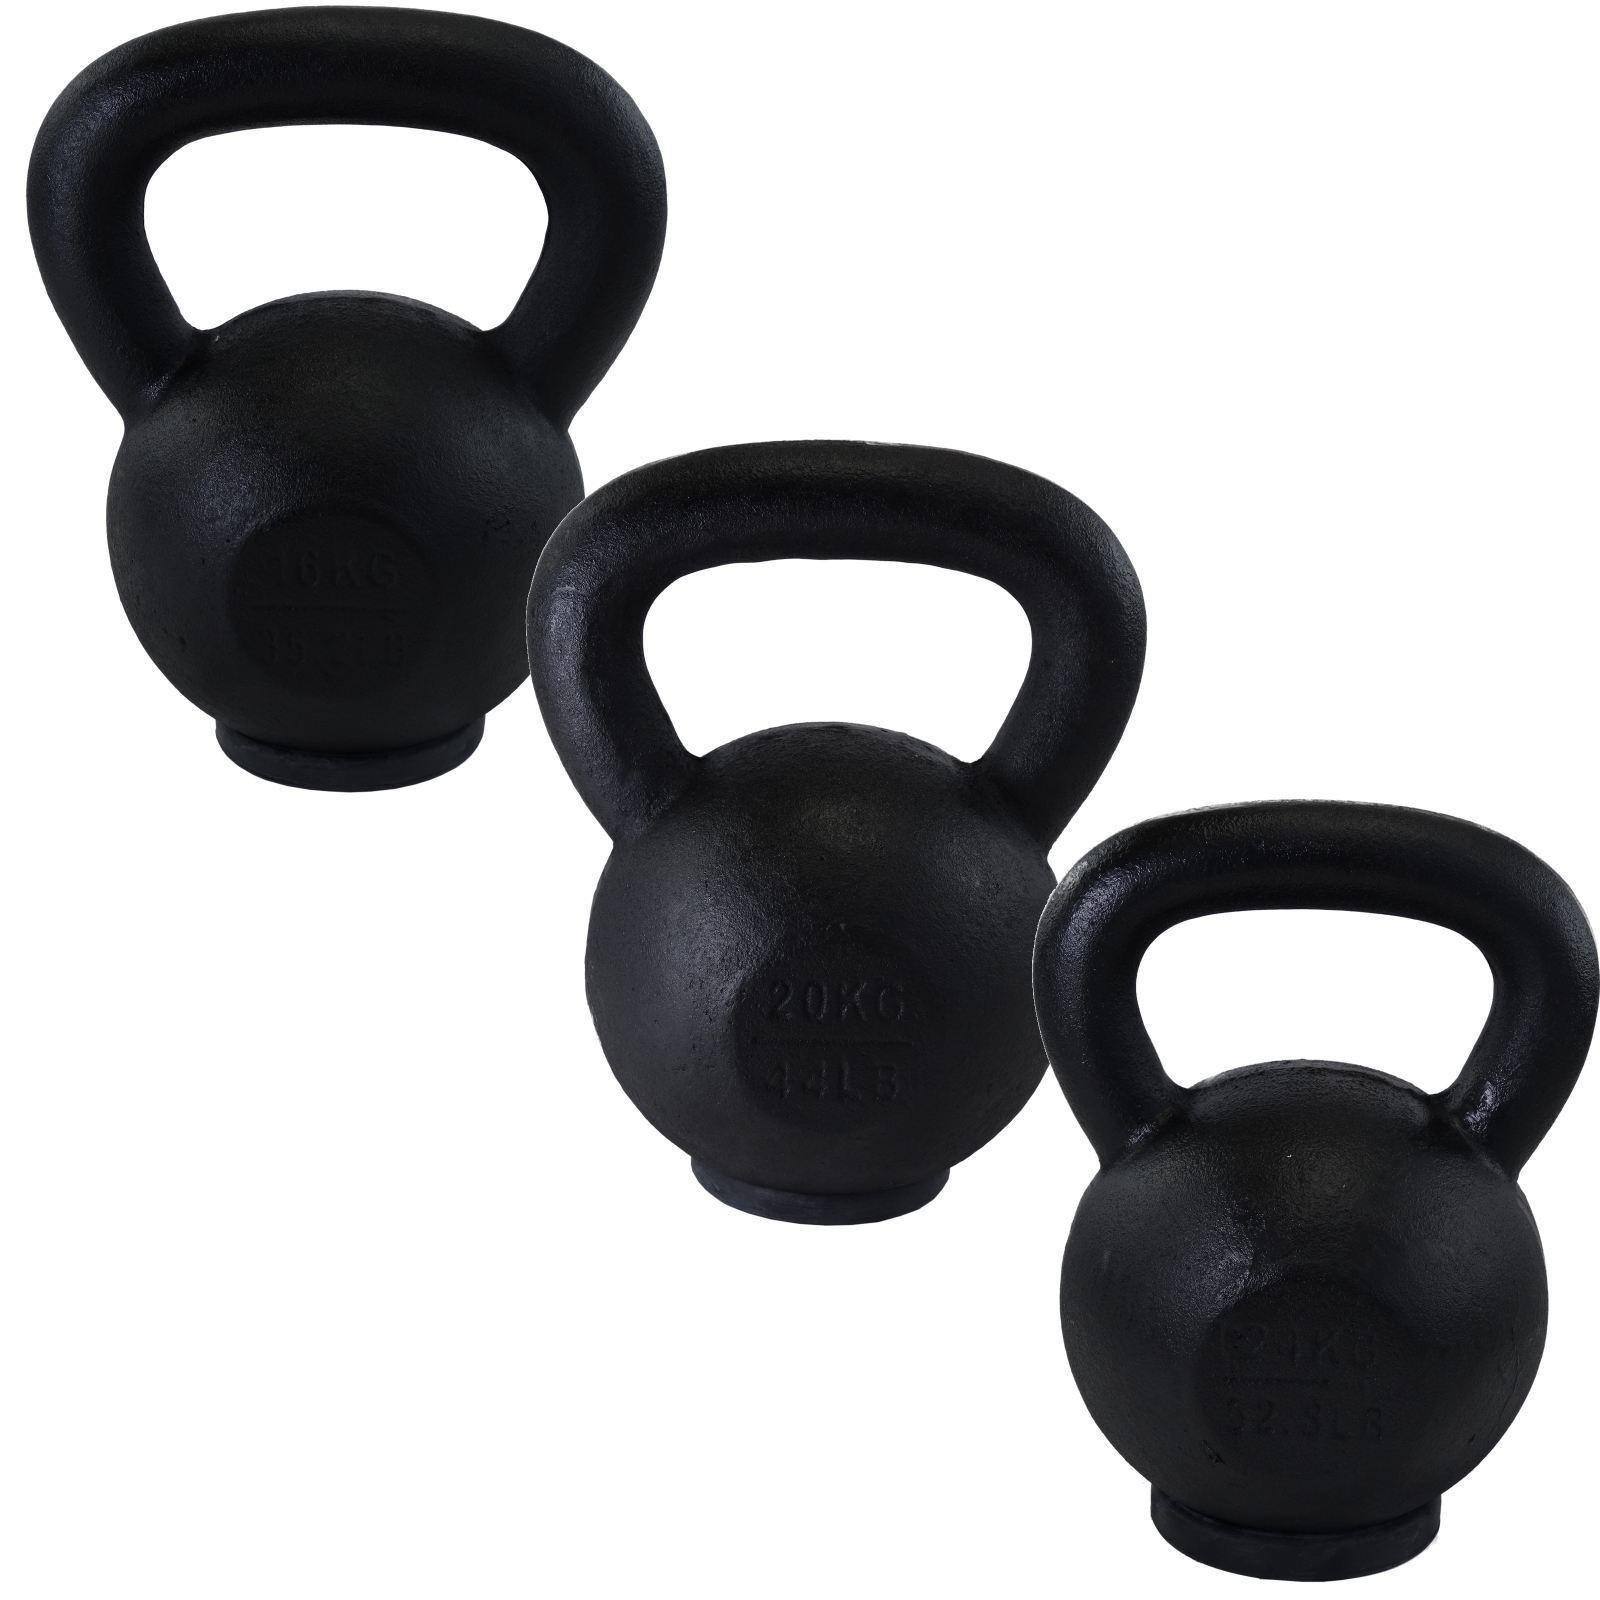 Satz Klingel von 16, 20, 24 kg Gusseisen Wasserkessel Klingel Satz Training Fitnessstudio 8a3875